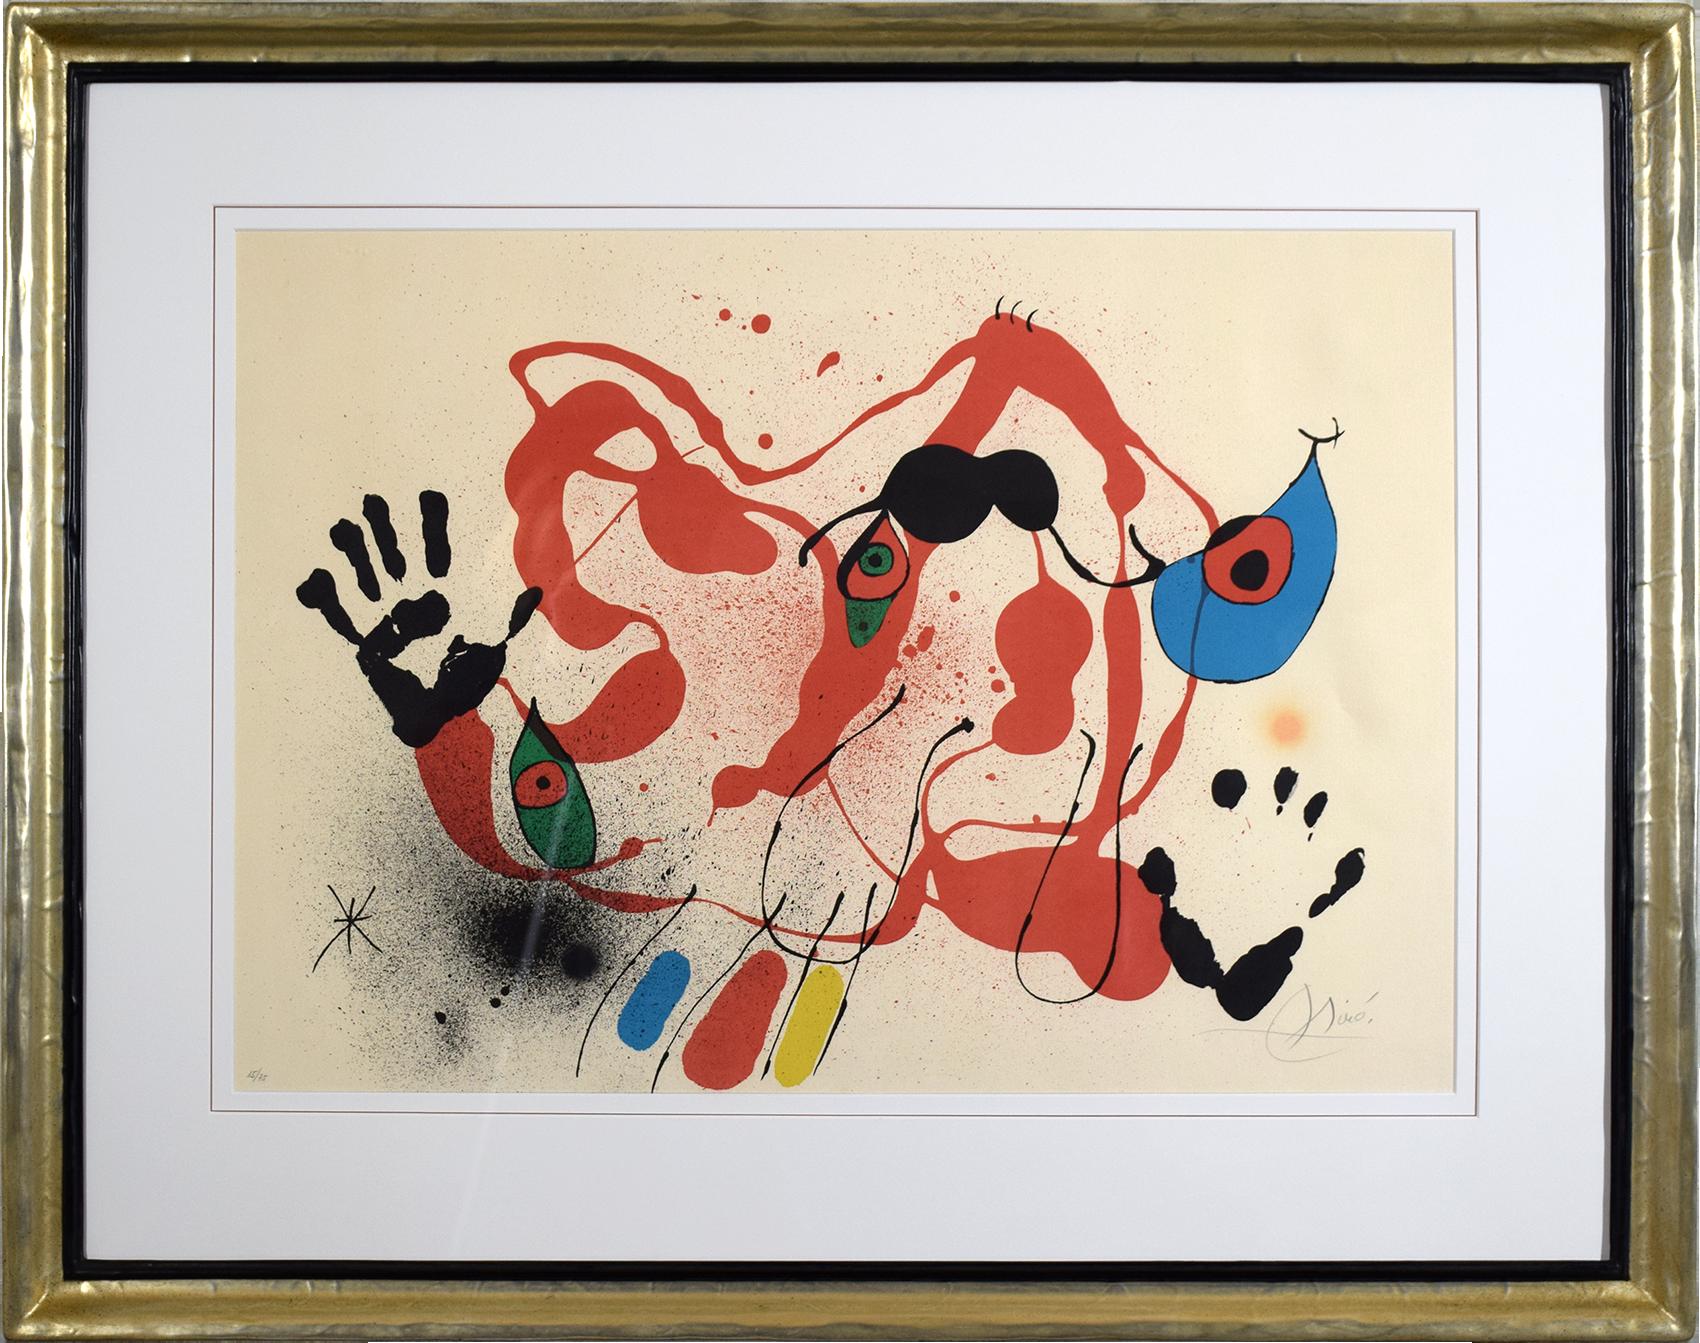 Joan Miró - El marxant de galls , 0612-008-312